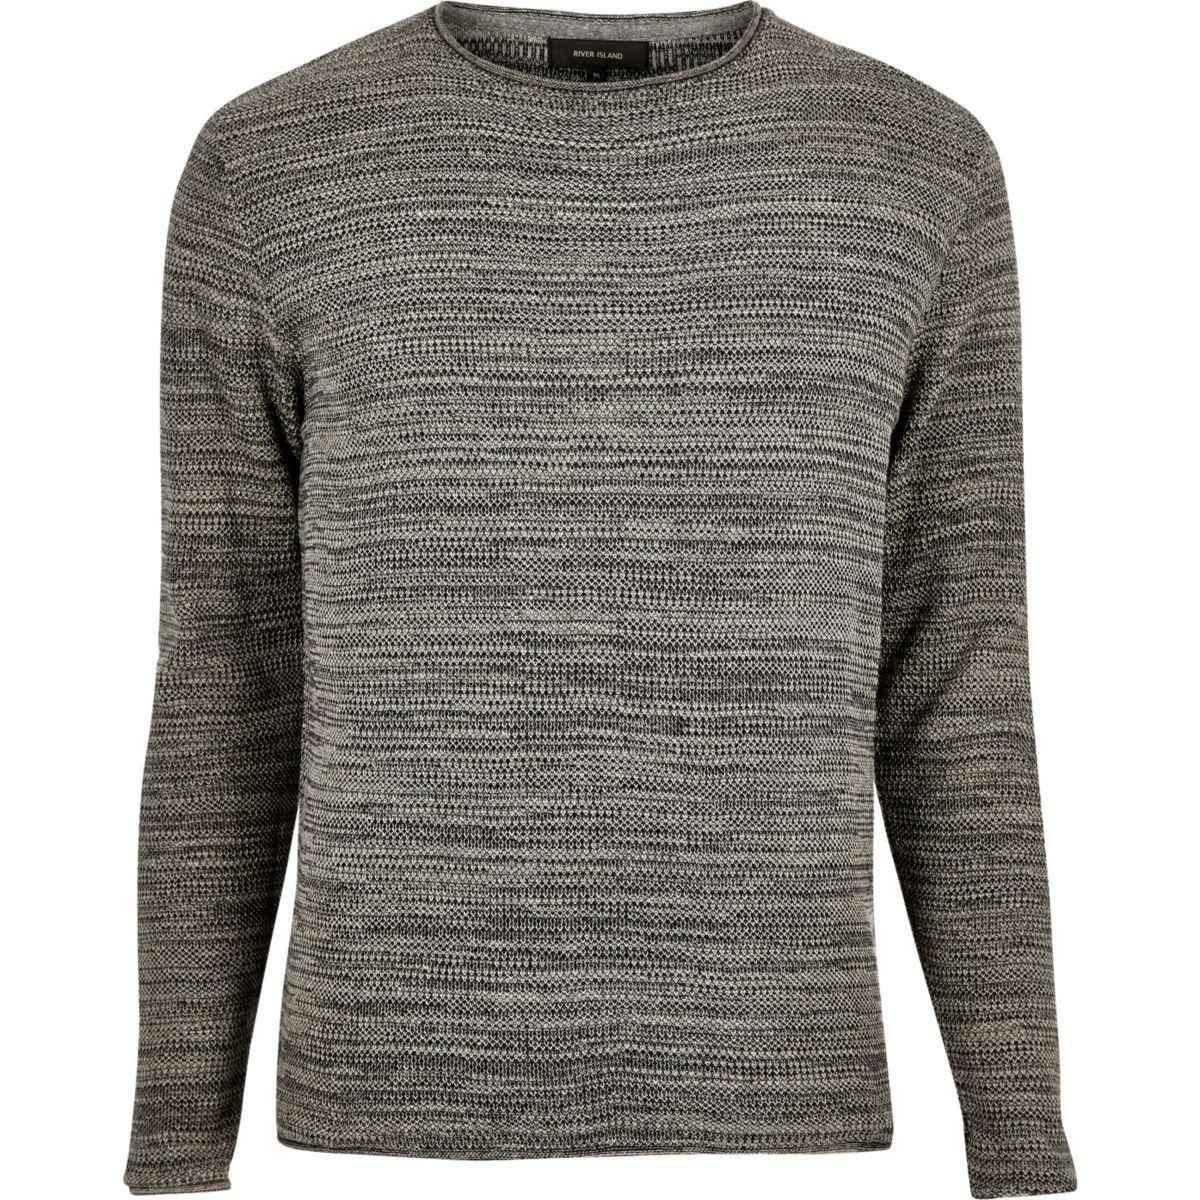 Dark grey knitted crew neck sweater